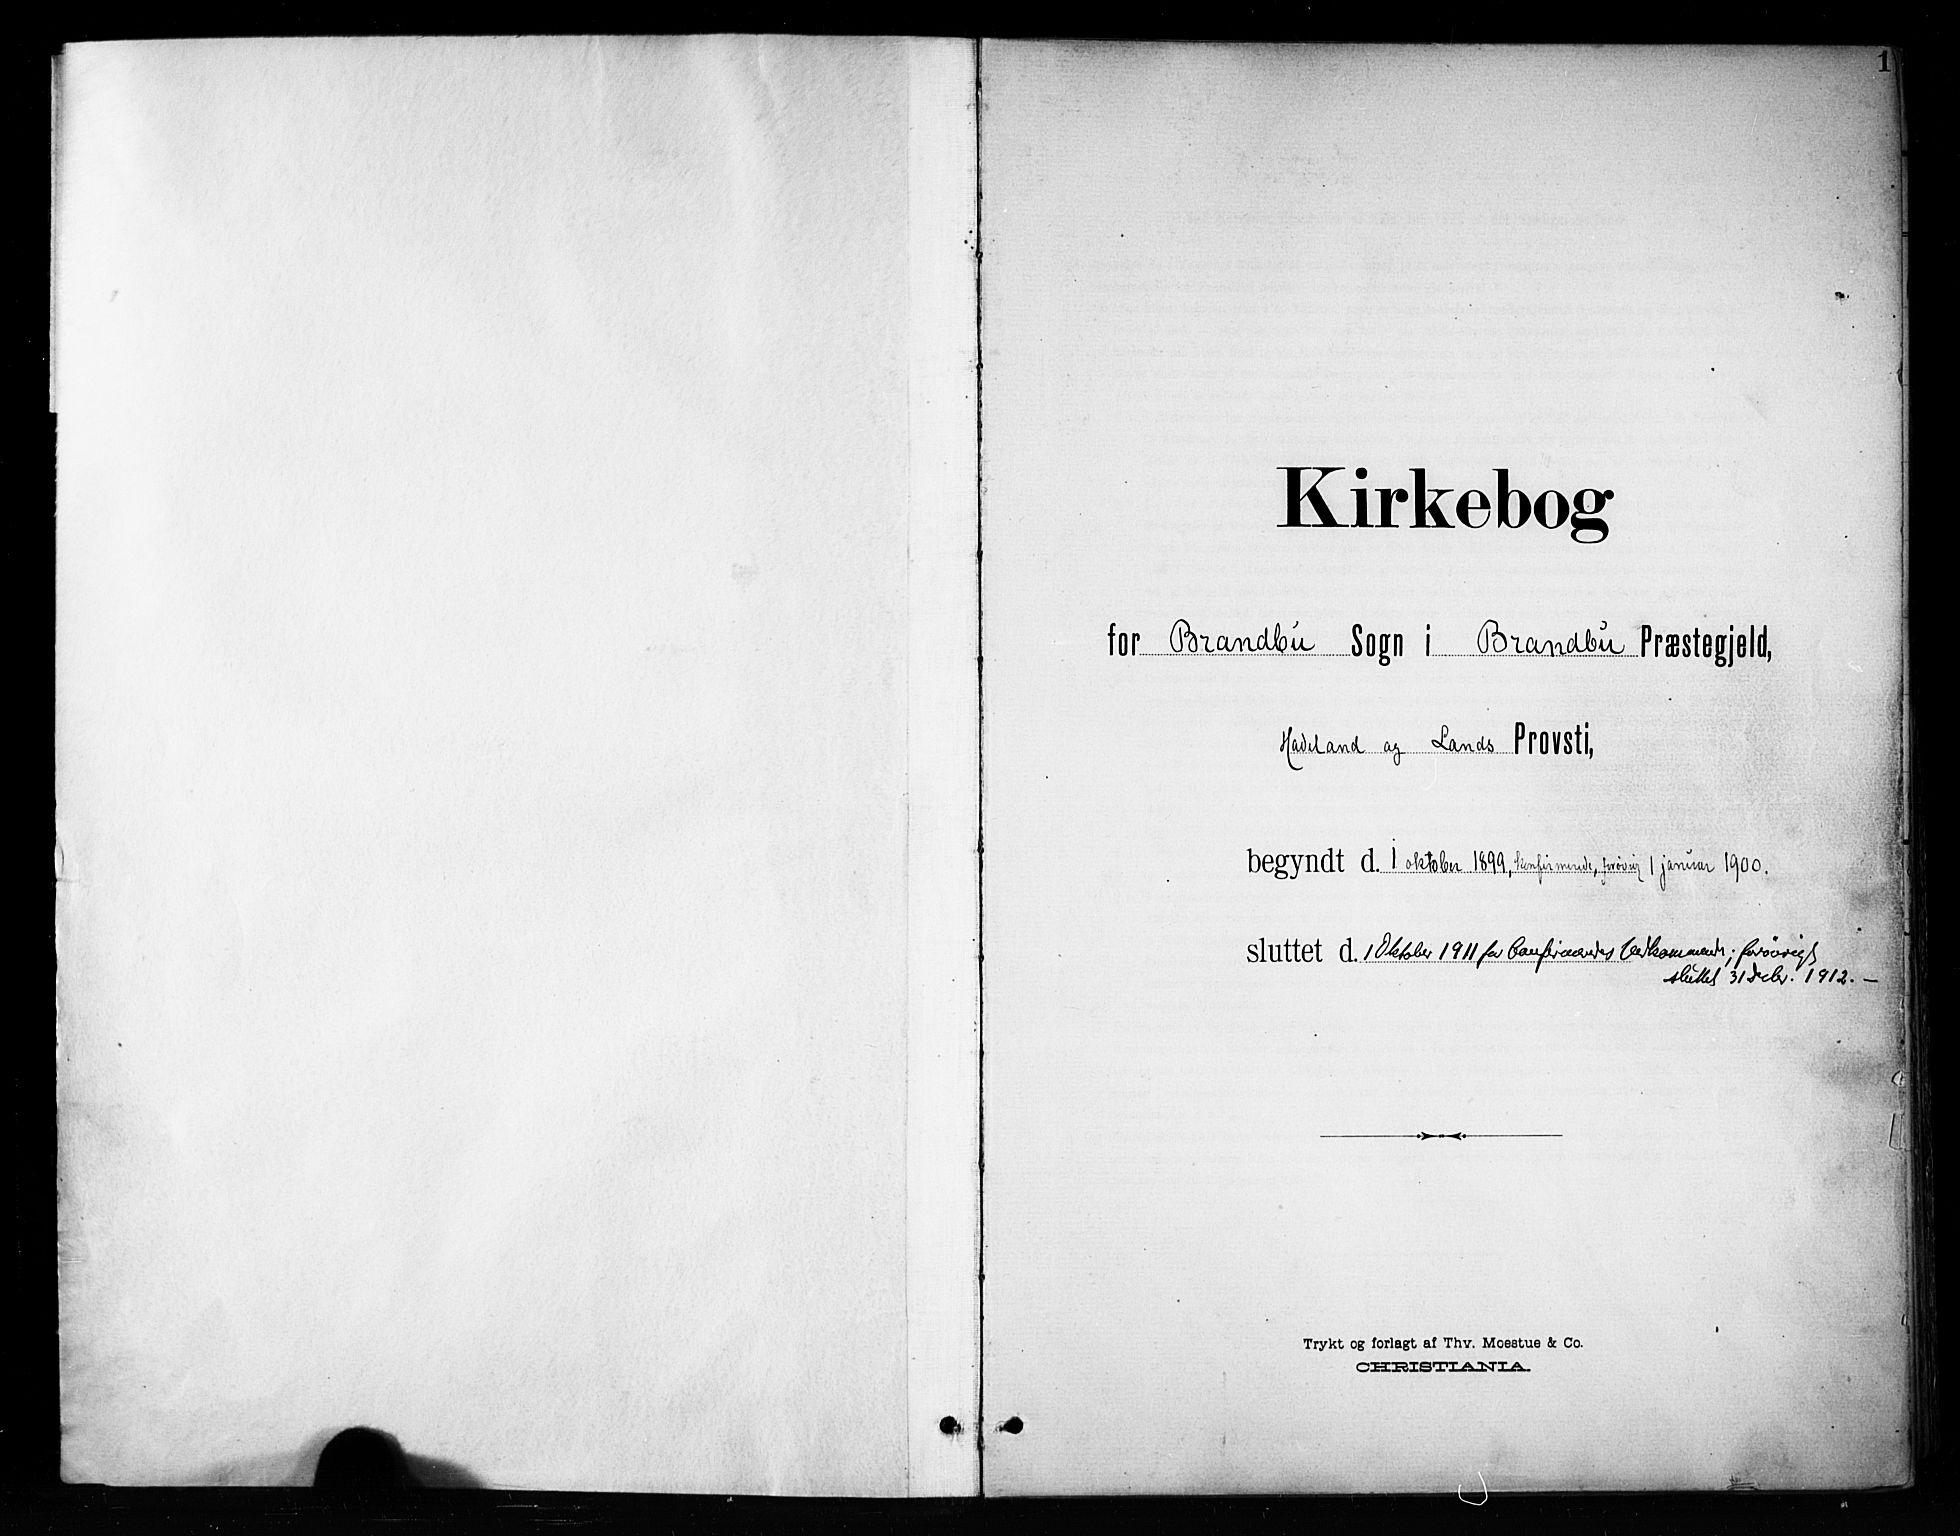 SAH, Brandbu prestekontor, Ministerialbok nr. 1, 1900-1912, s. 1